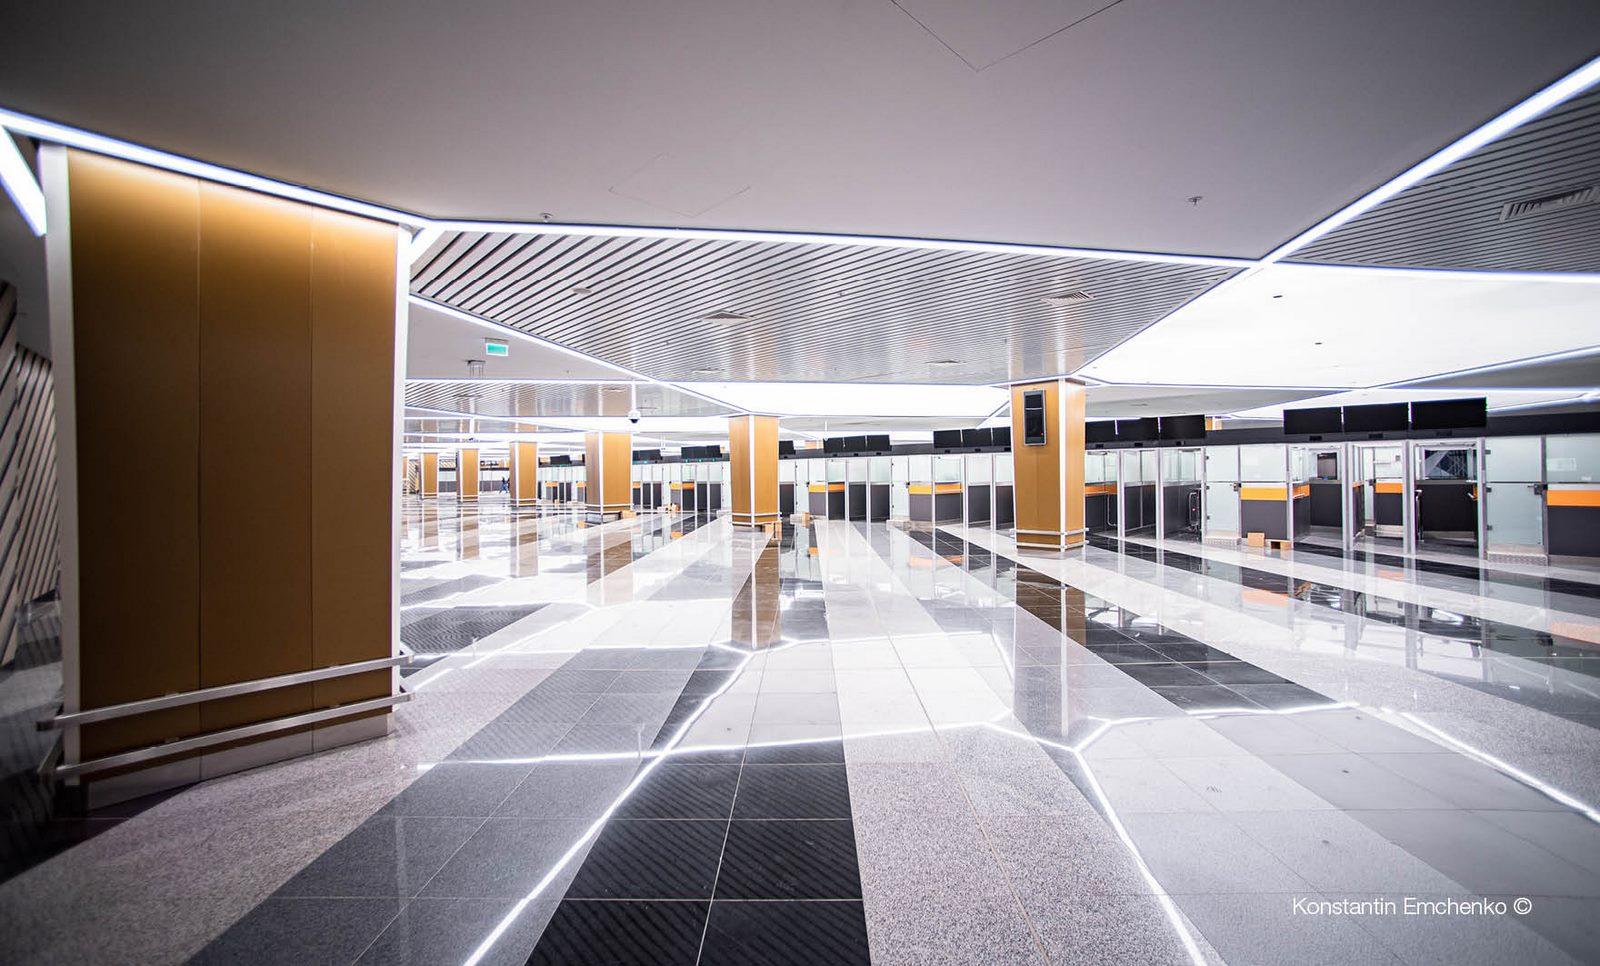 La historia y cultura rusa reflejada en el Aeropuerto de Moscú 13